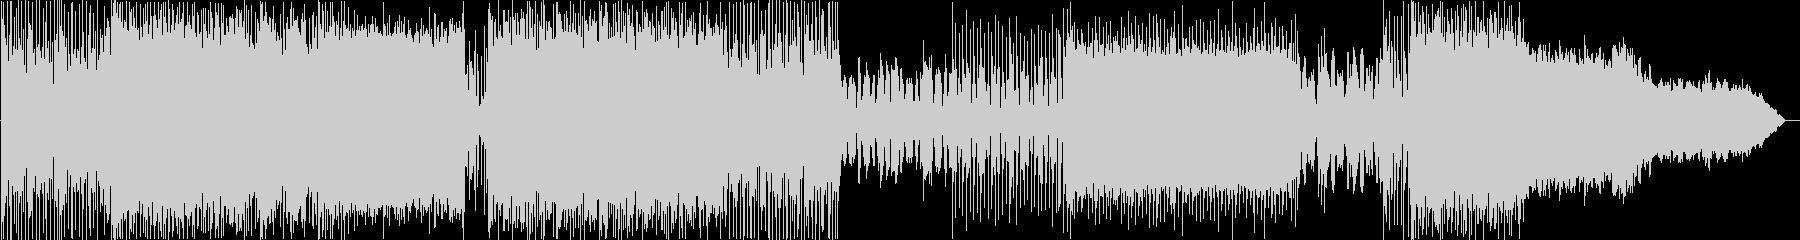 ドラマチックデジタルオーケストラギター2の未再生の波形